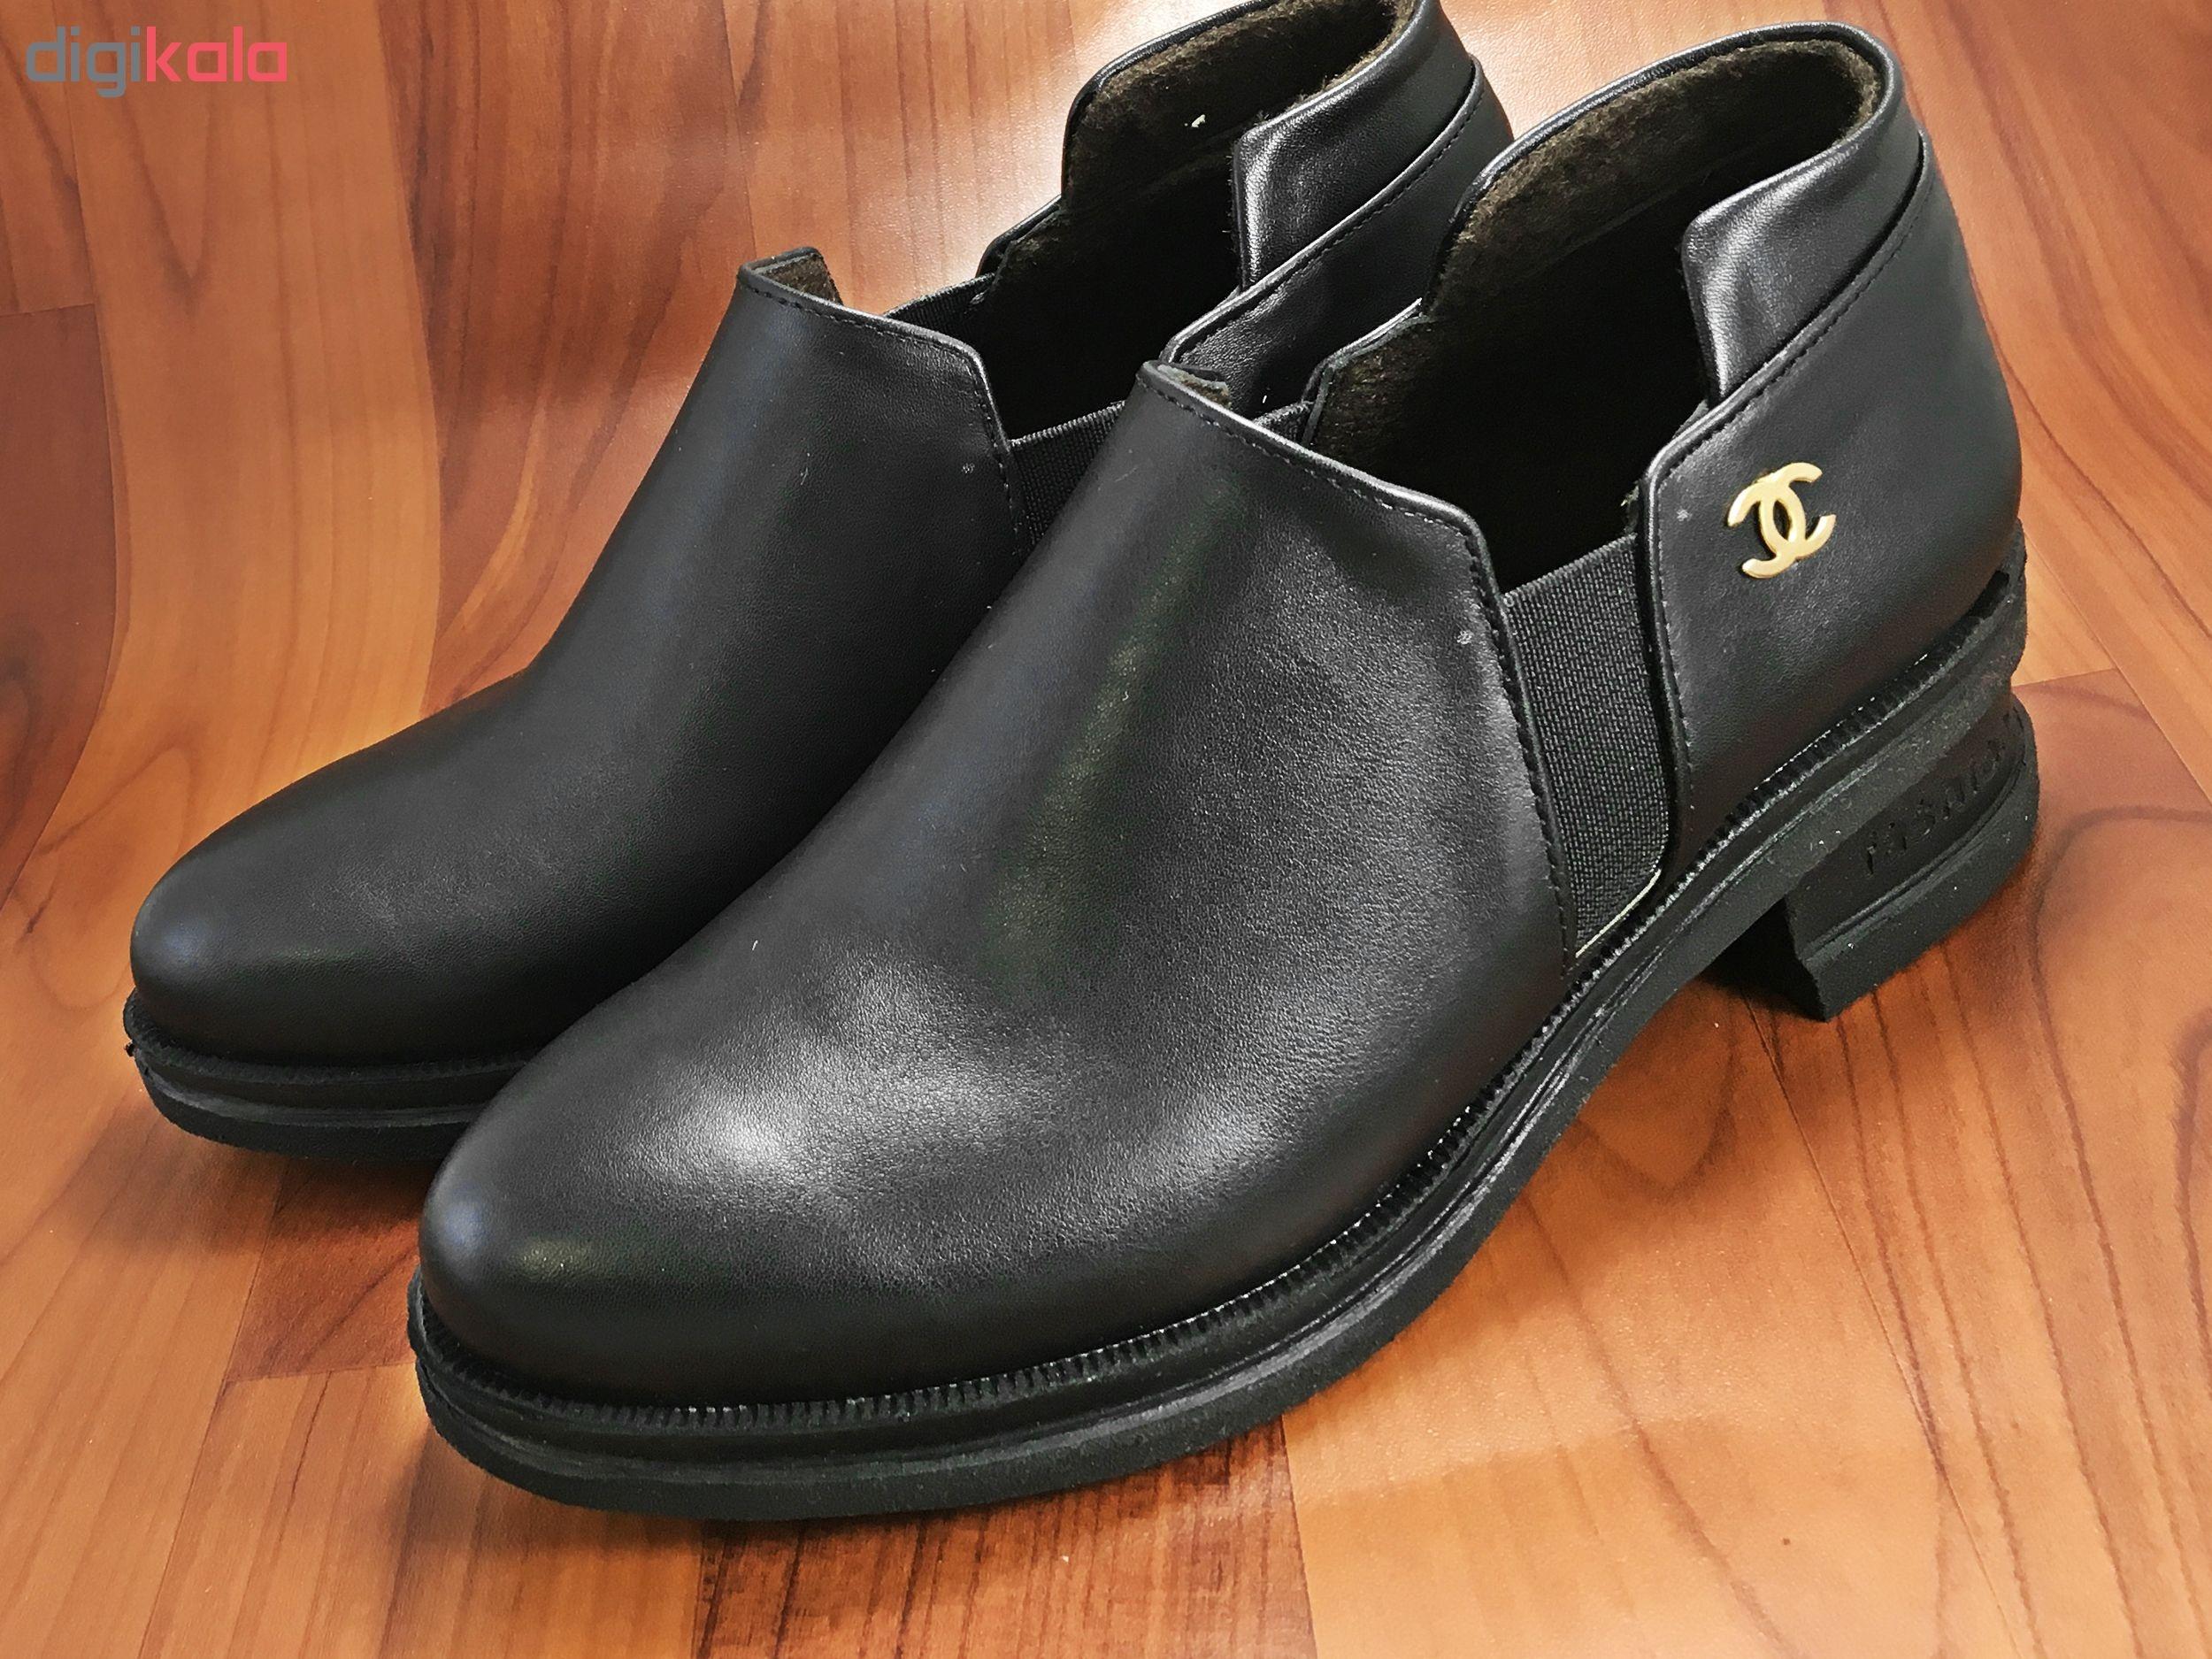 کفش زنانه مدل باران کد 3826